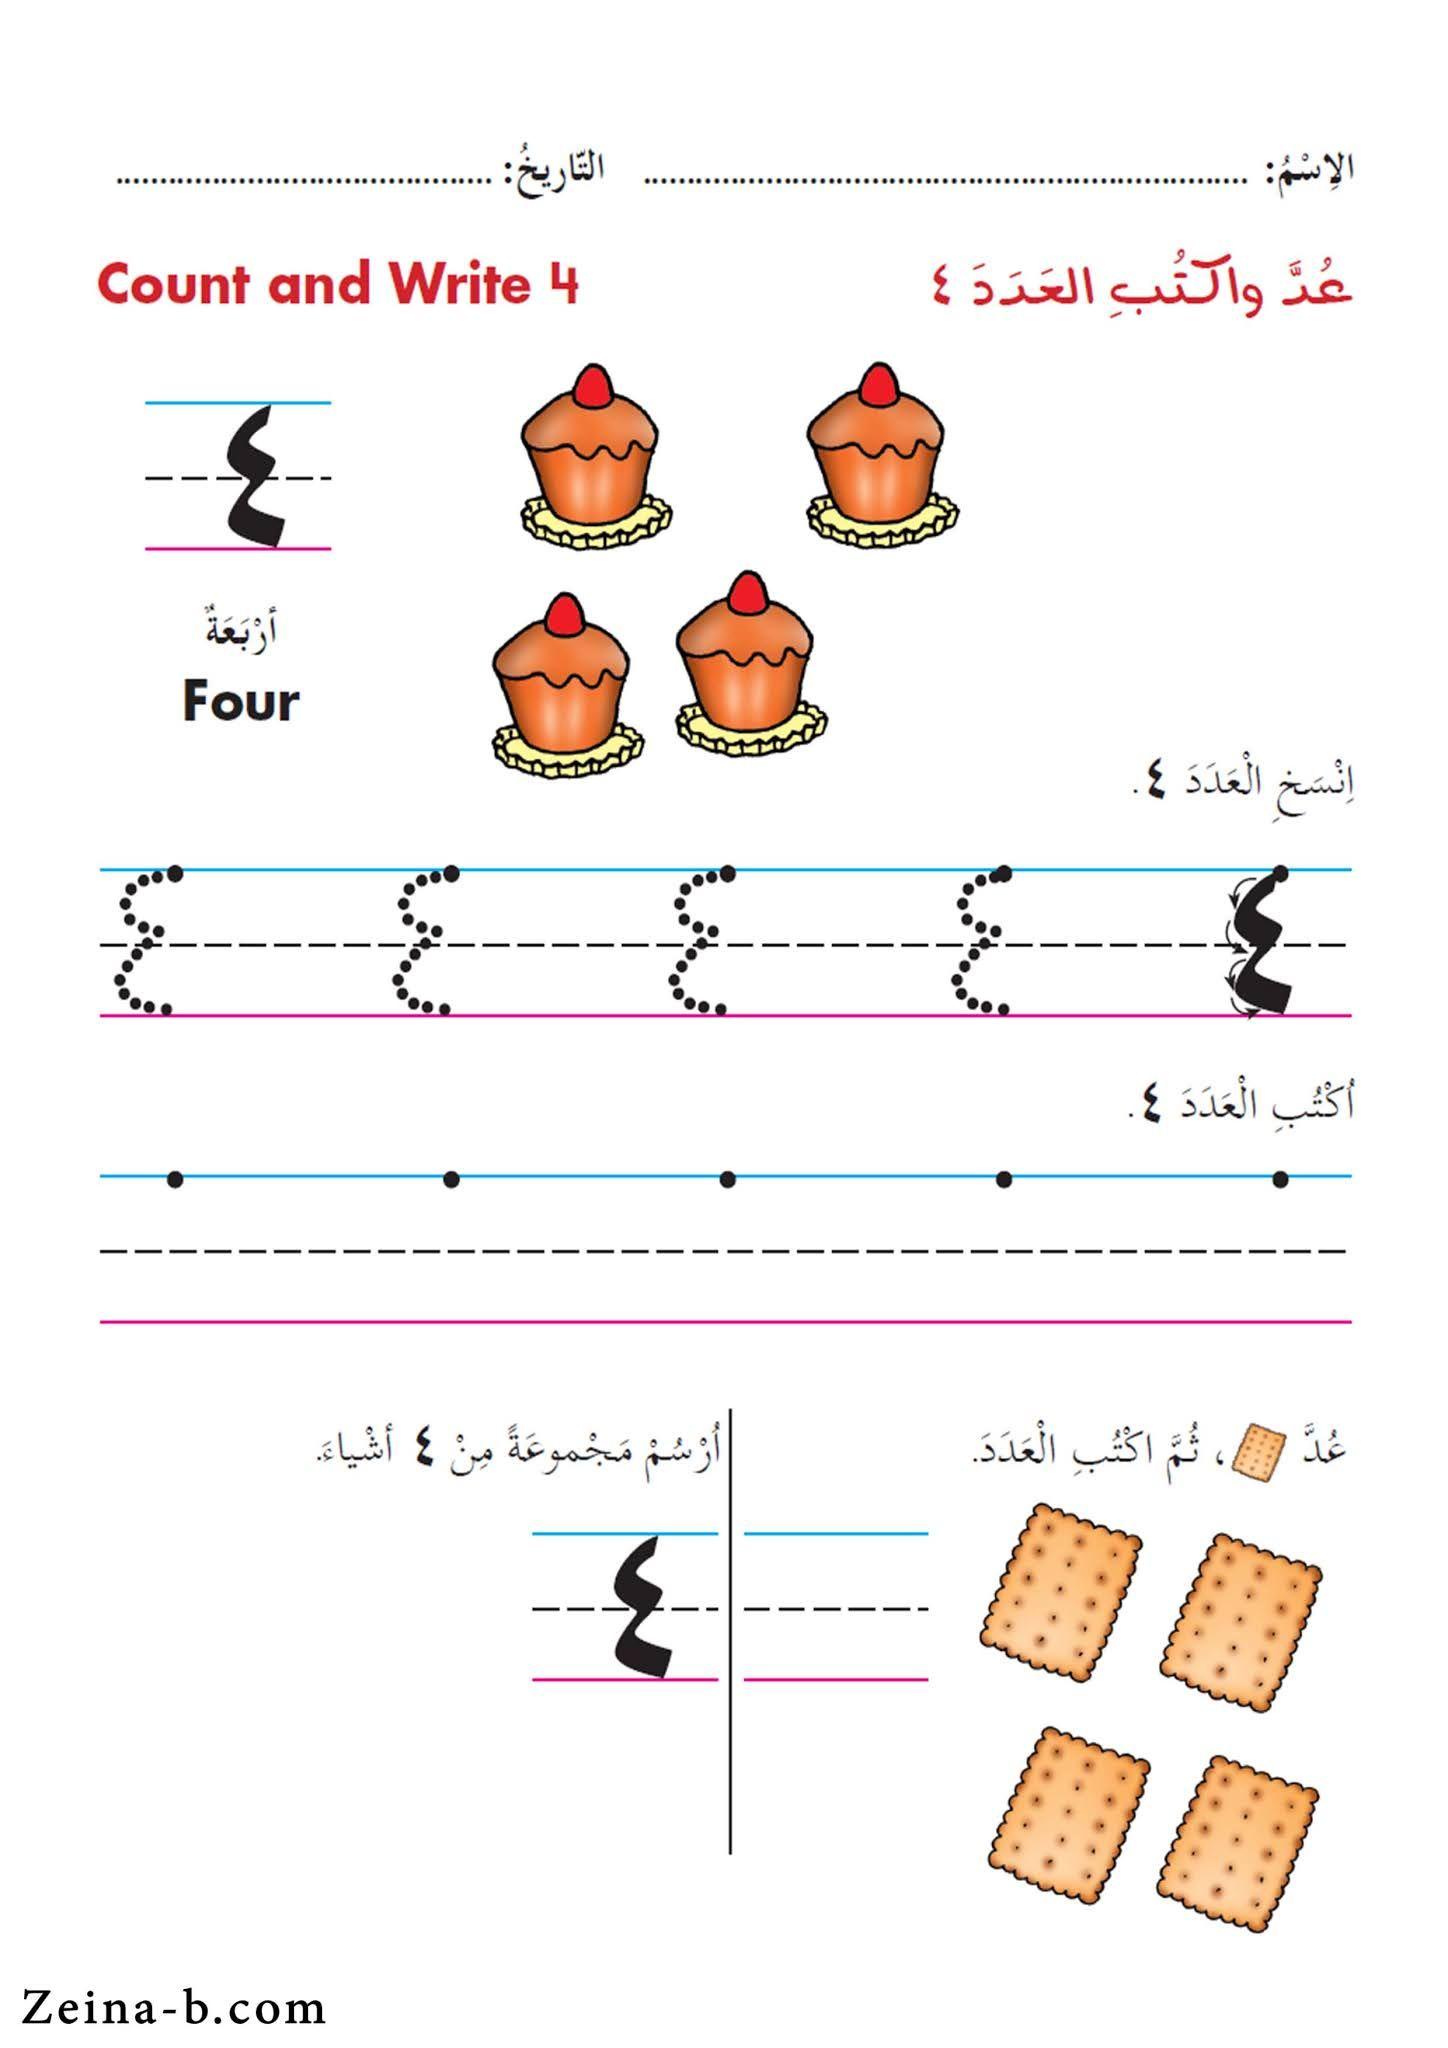 تعليم الارقام للاطفال الصغار بالصور من 1 الى 10 الرقم اربعة ٤ العدد اربعة الارقام الاعداد اربعة ٤ In 2021 Writing Learning Counting